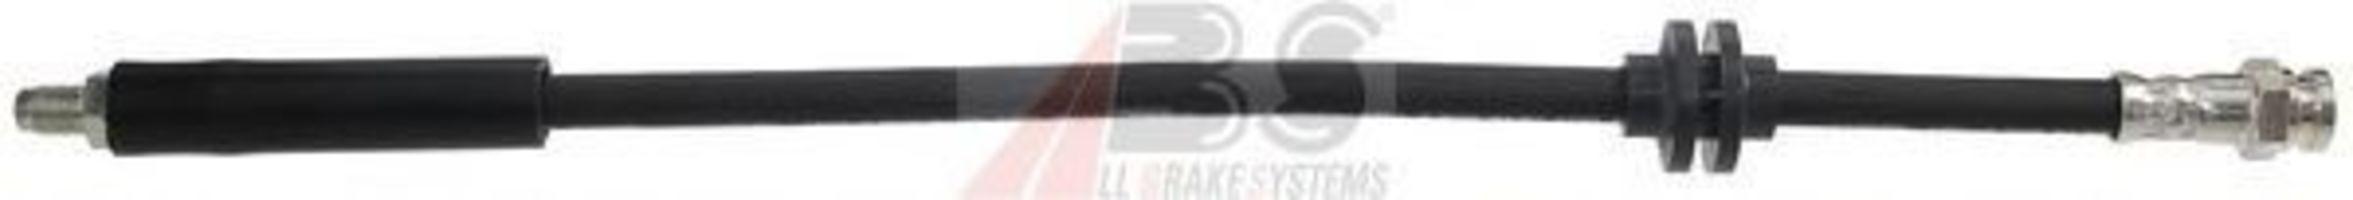 Шланг тормозной A.B.S. SL5837